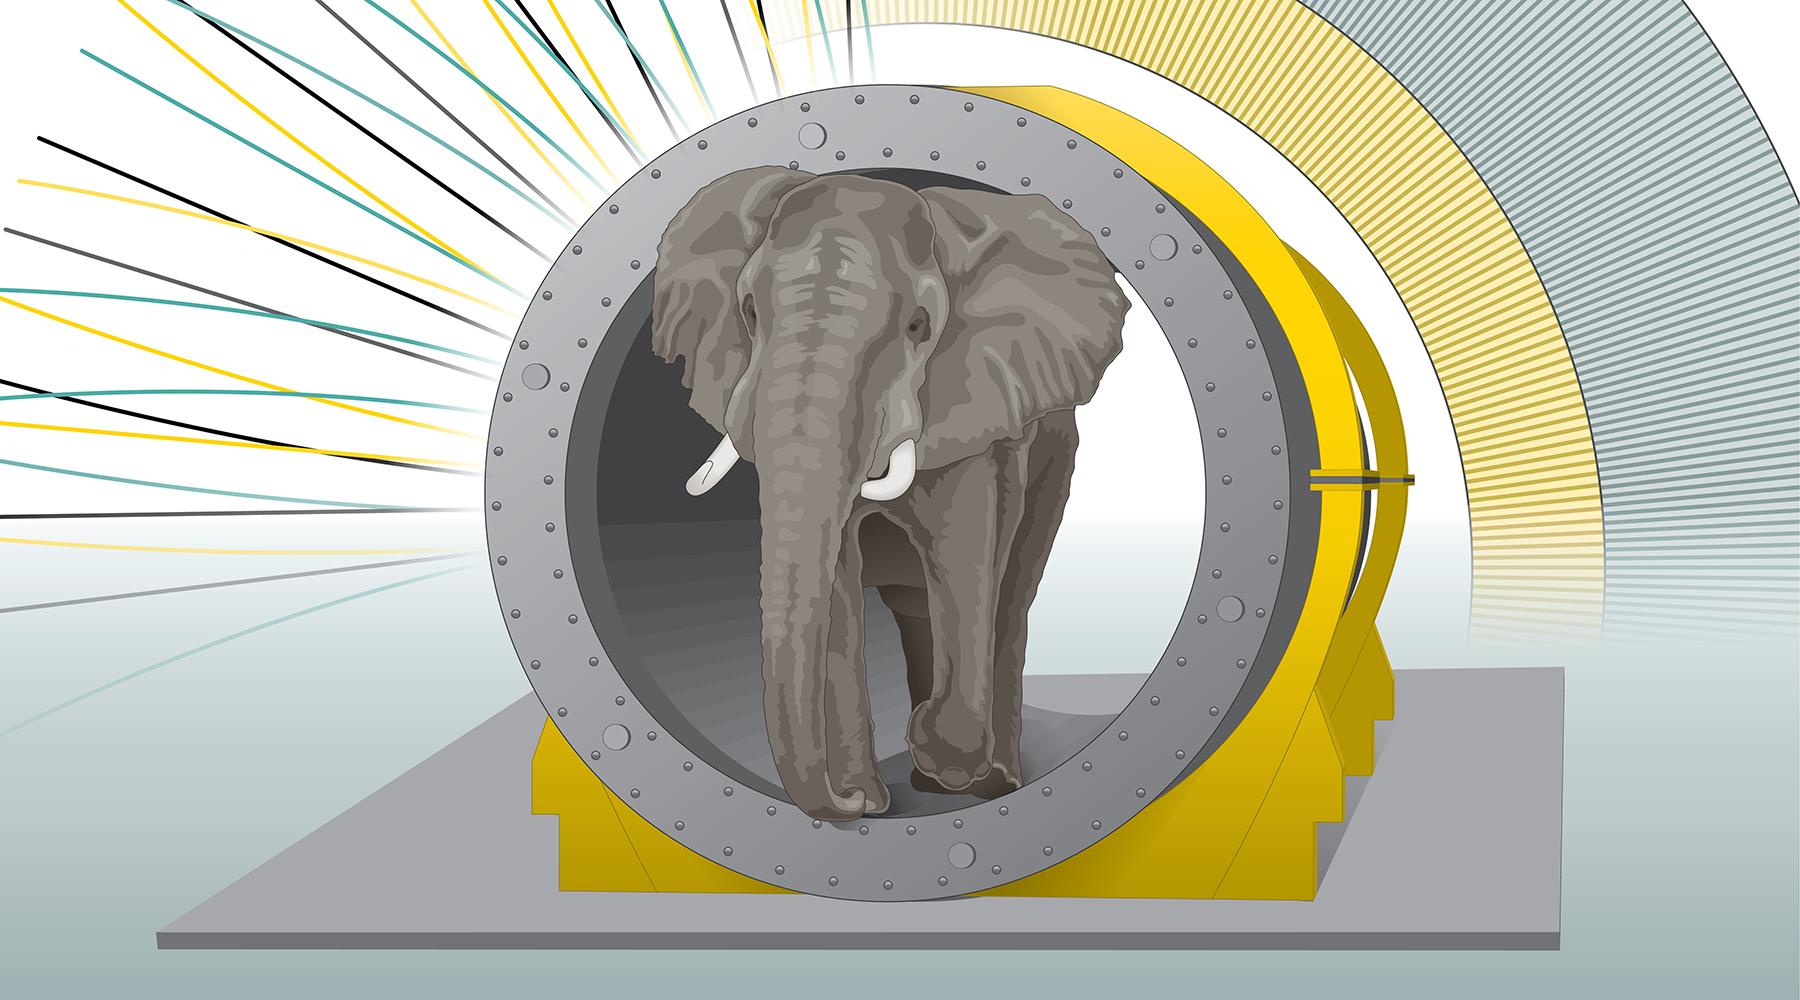 Image: Elephant magnet